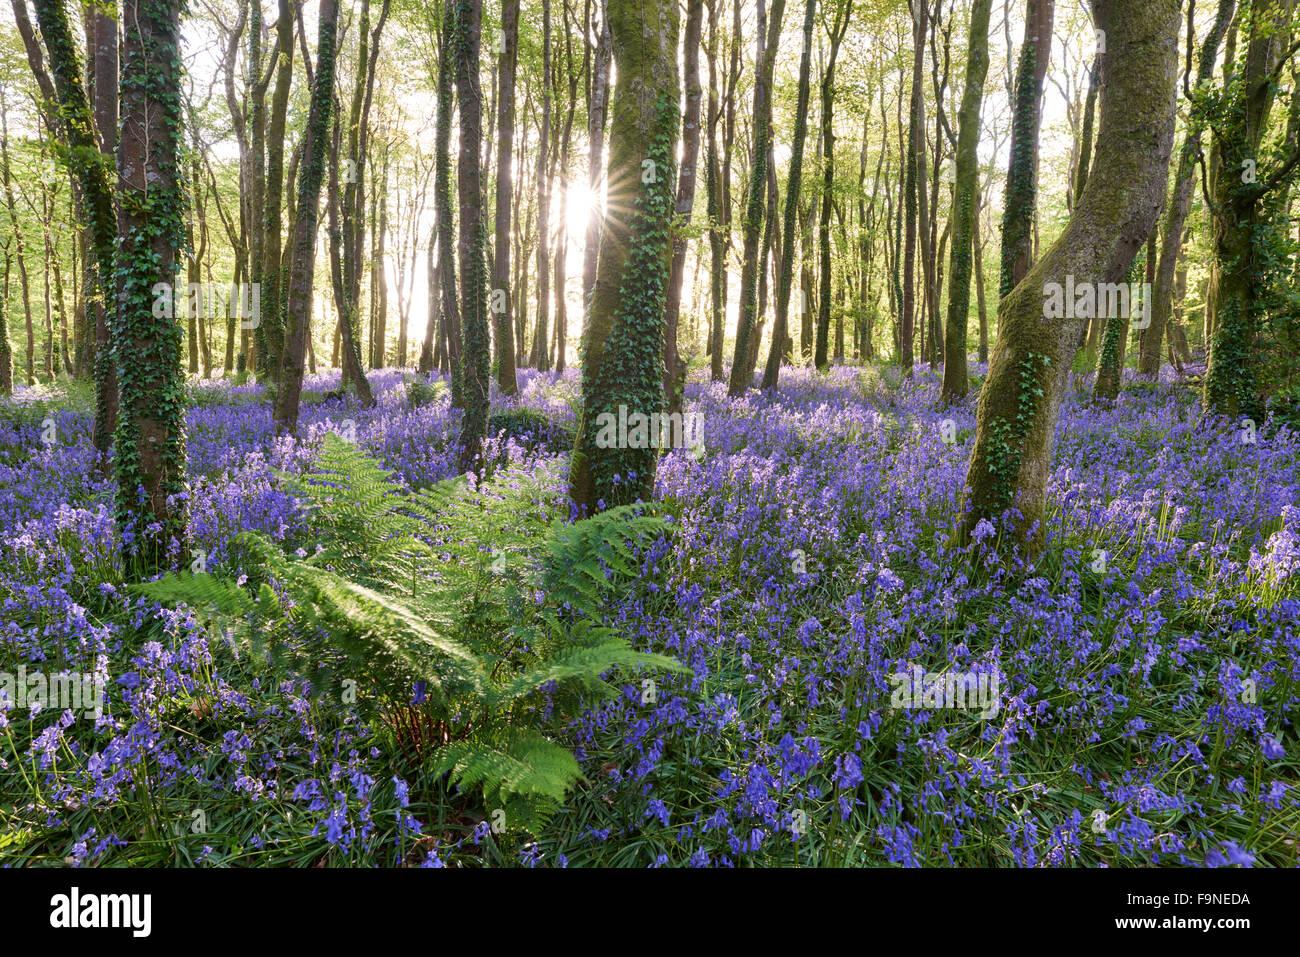 La luce del sole splende tra gli alberi e illuminazione delle Bluebells sul pavimento del bosco. Immagini Stock